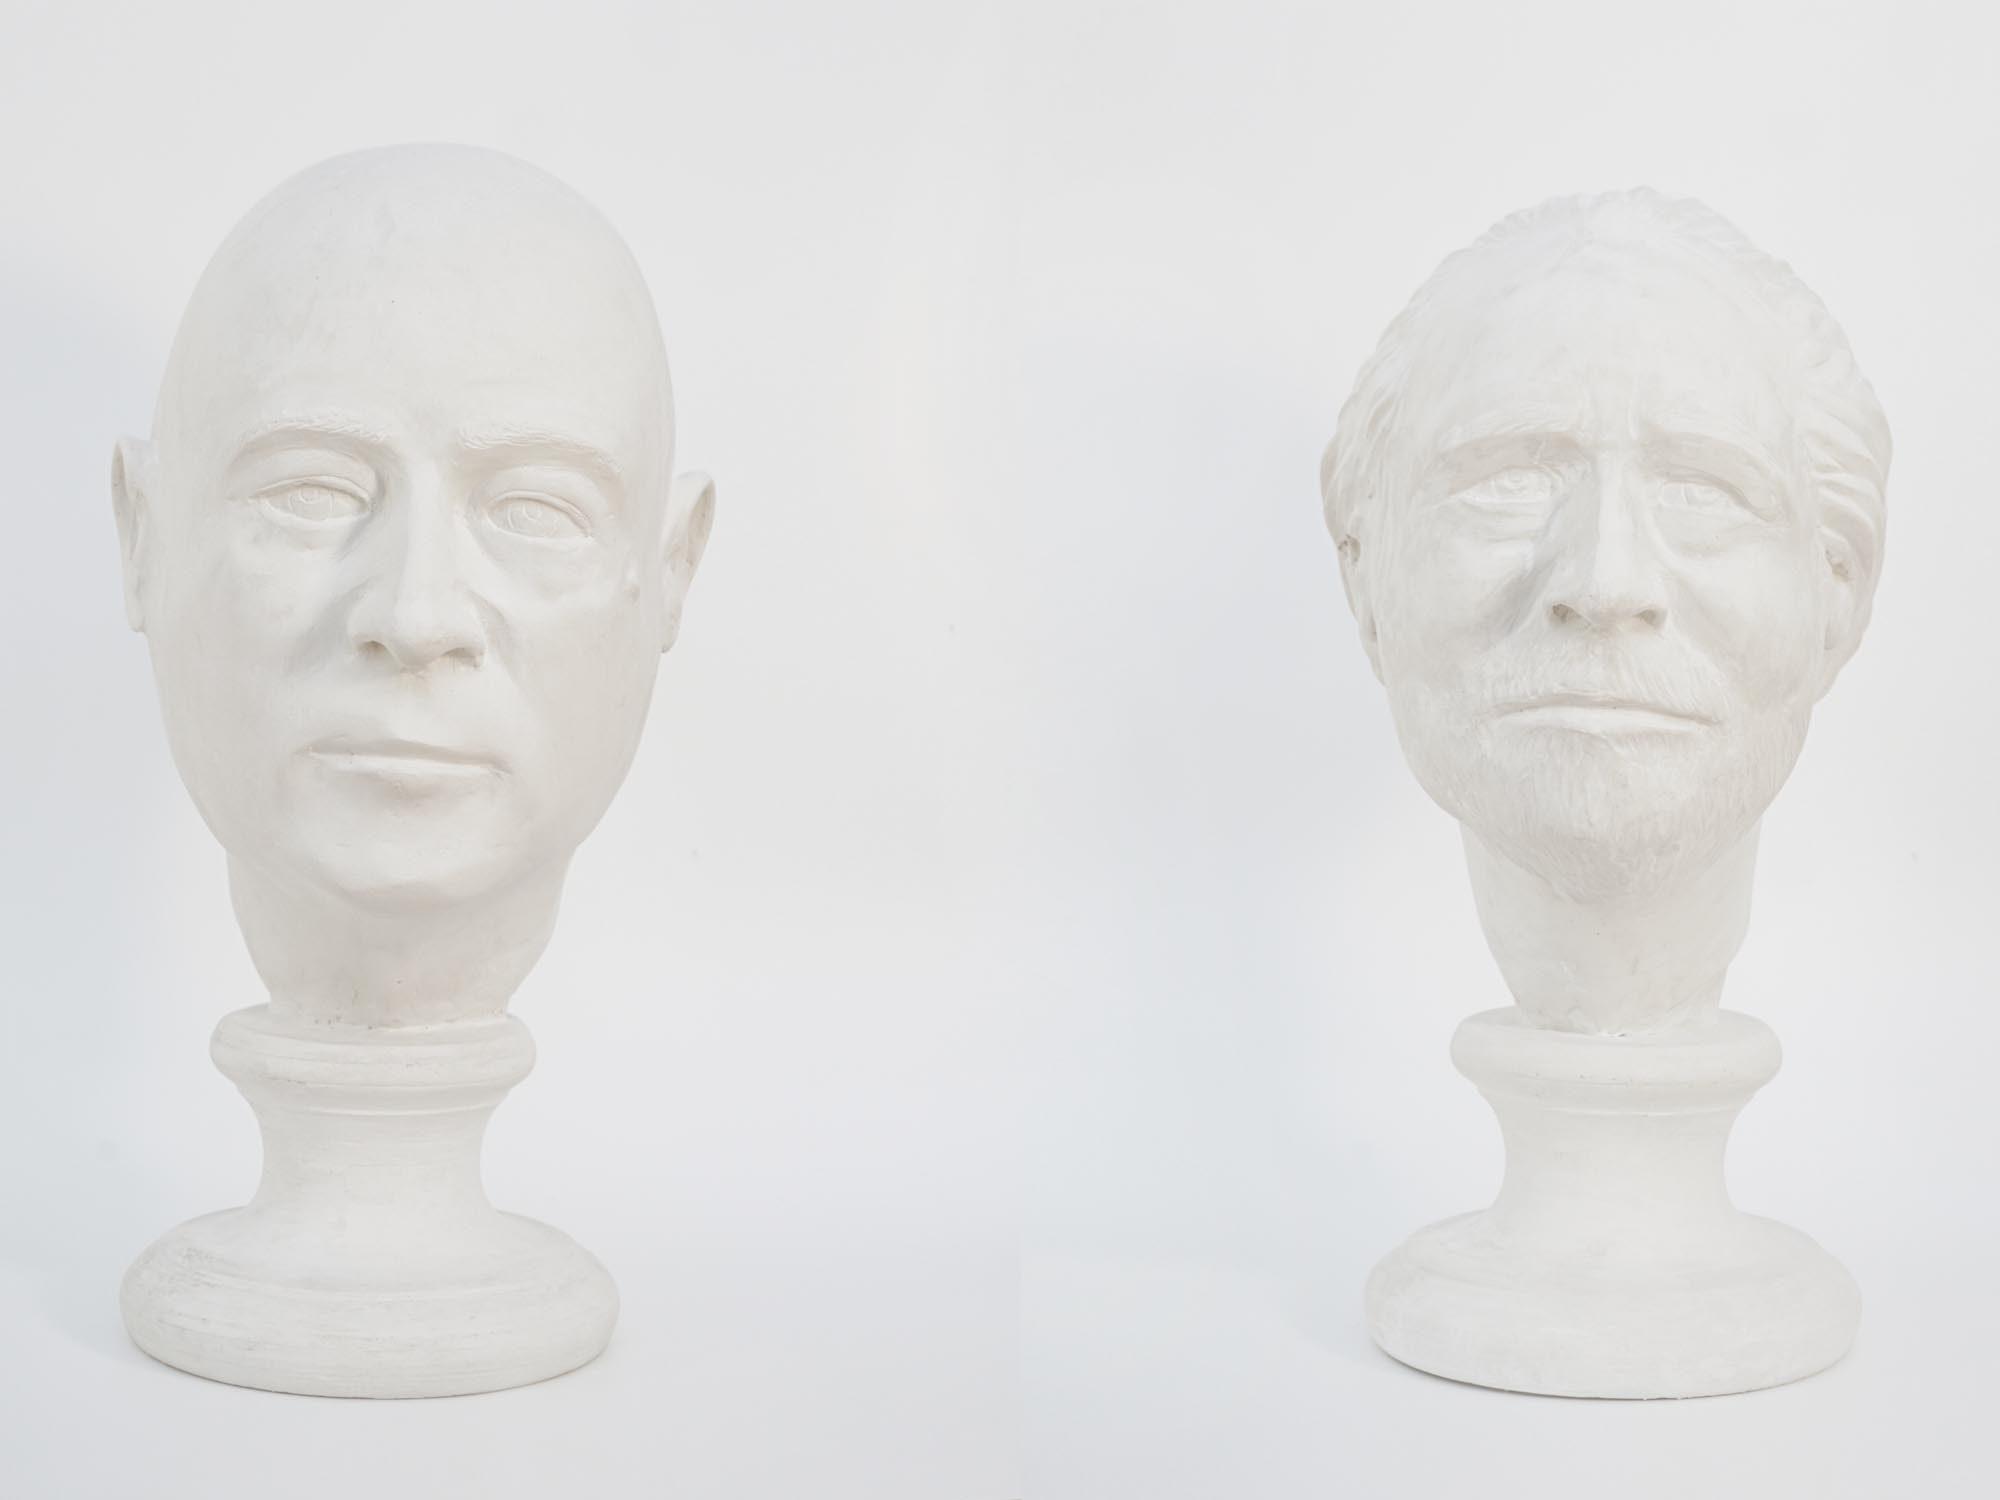 5. Antonio Guiotto, Senza titolo con didascalia, 2019, Museo Civico, Bassano d.G